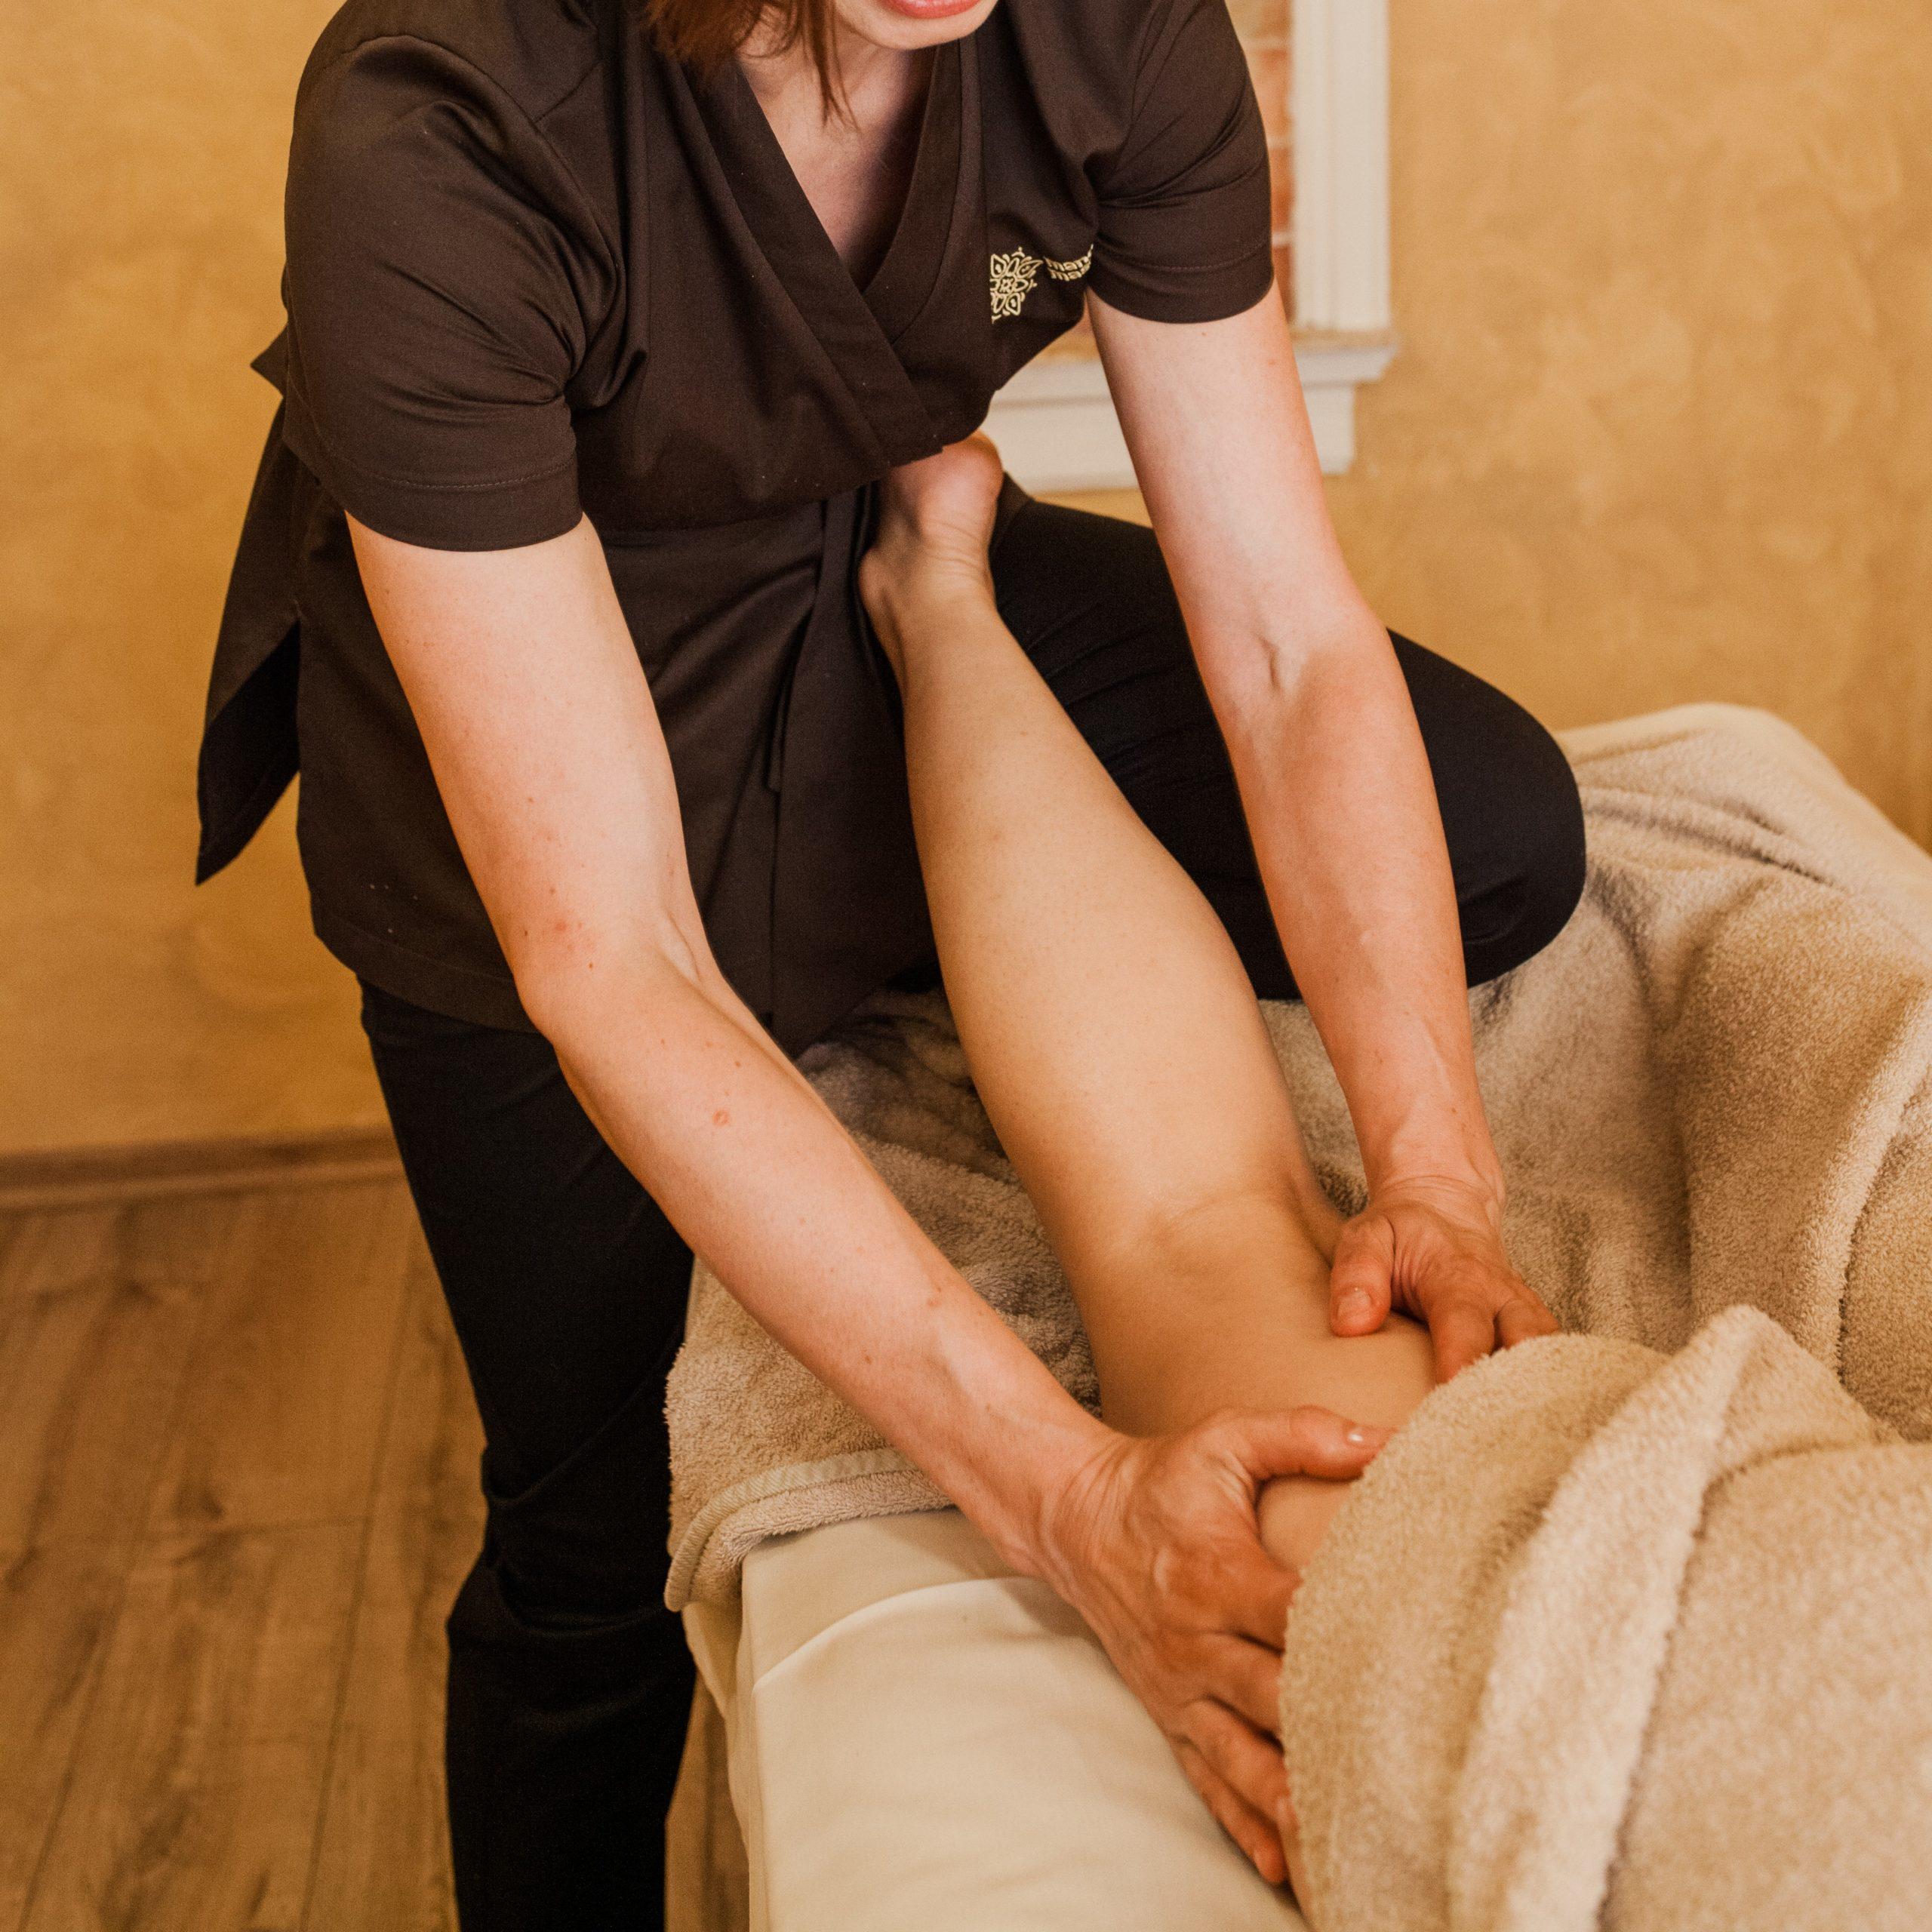 Limfodrenažinis masažas yra vadinamas ateities masažu.